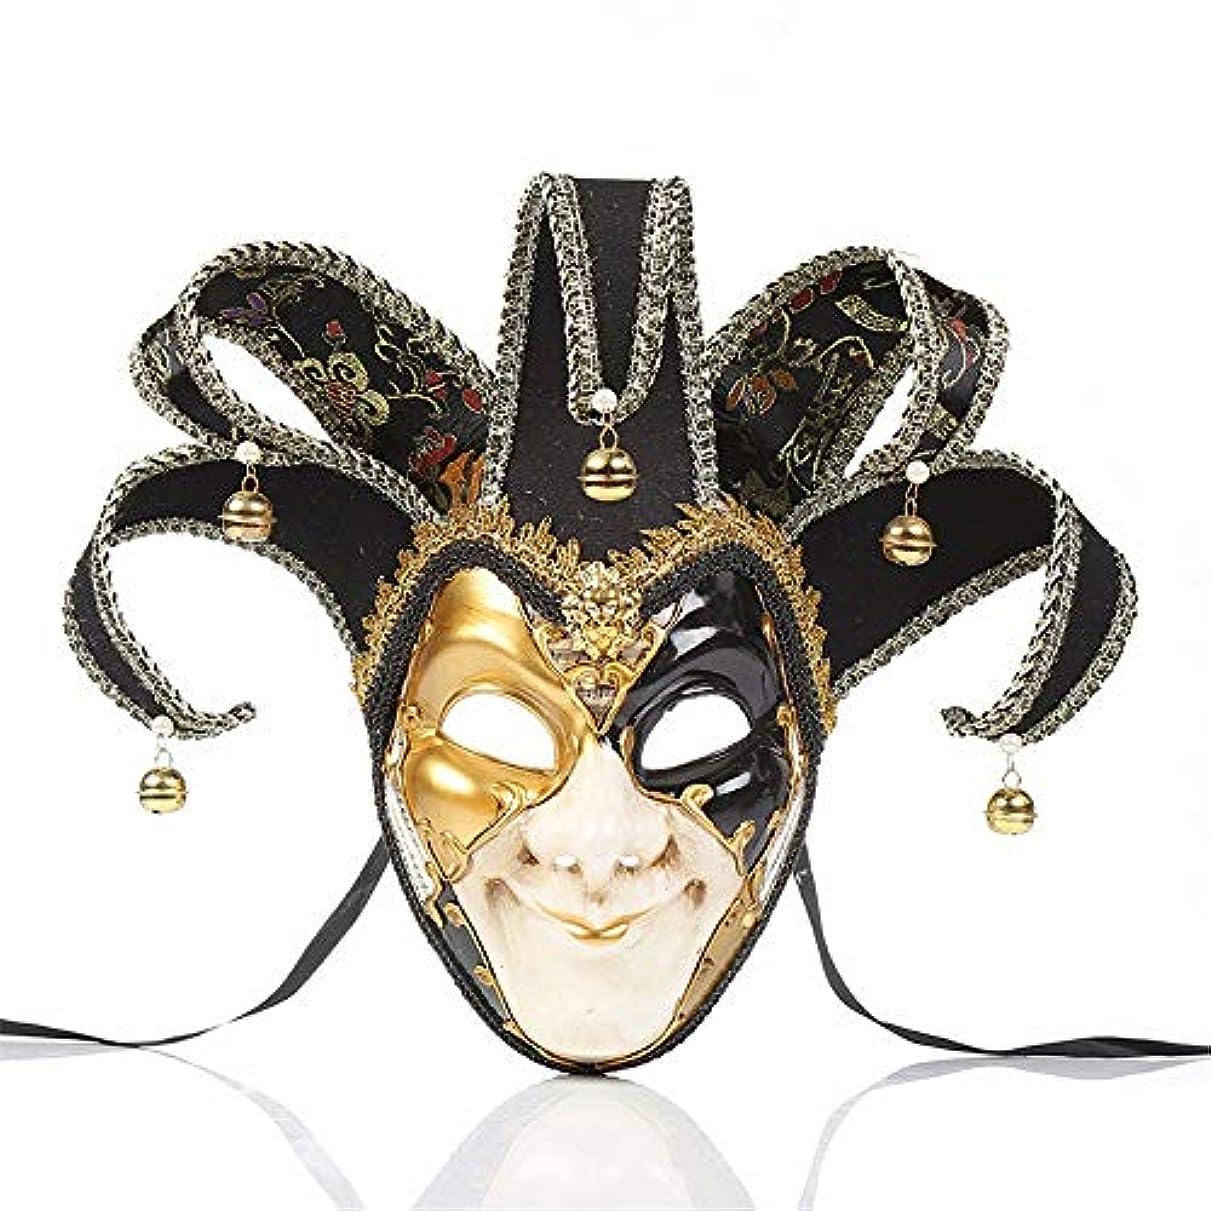 こどもセンター領域ミネラルダンスマスク ピエロマスクハロウィーンパフォーマンスパフォーマンス仮面舞踏会雰囲気用品祭りロールプレイングプラスチックマスク ホリデーパーティー用品 (色 : ブラック, サイズ : 39x33cm)